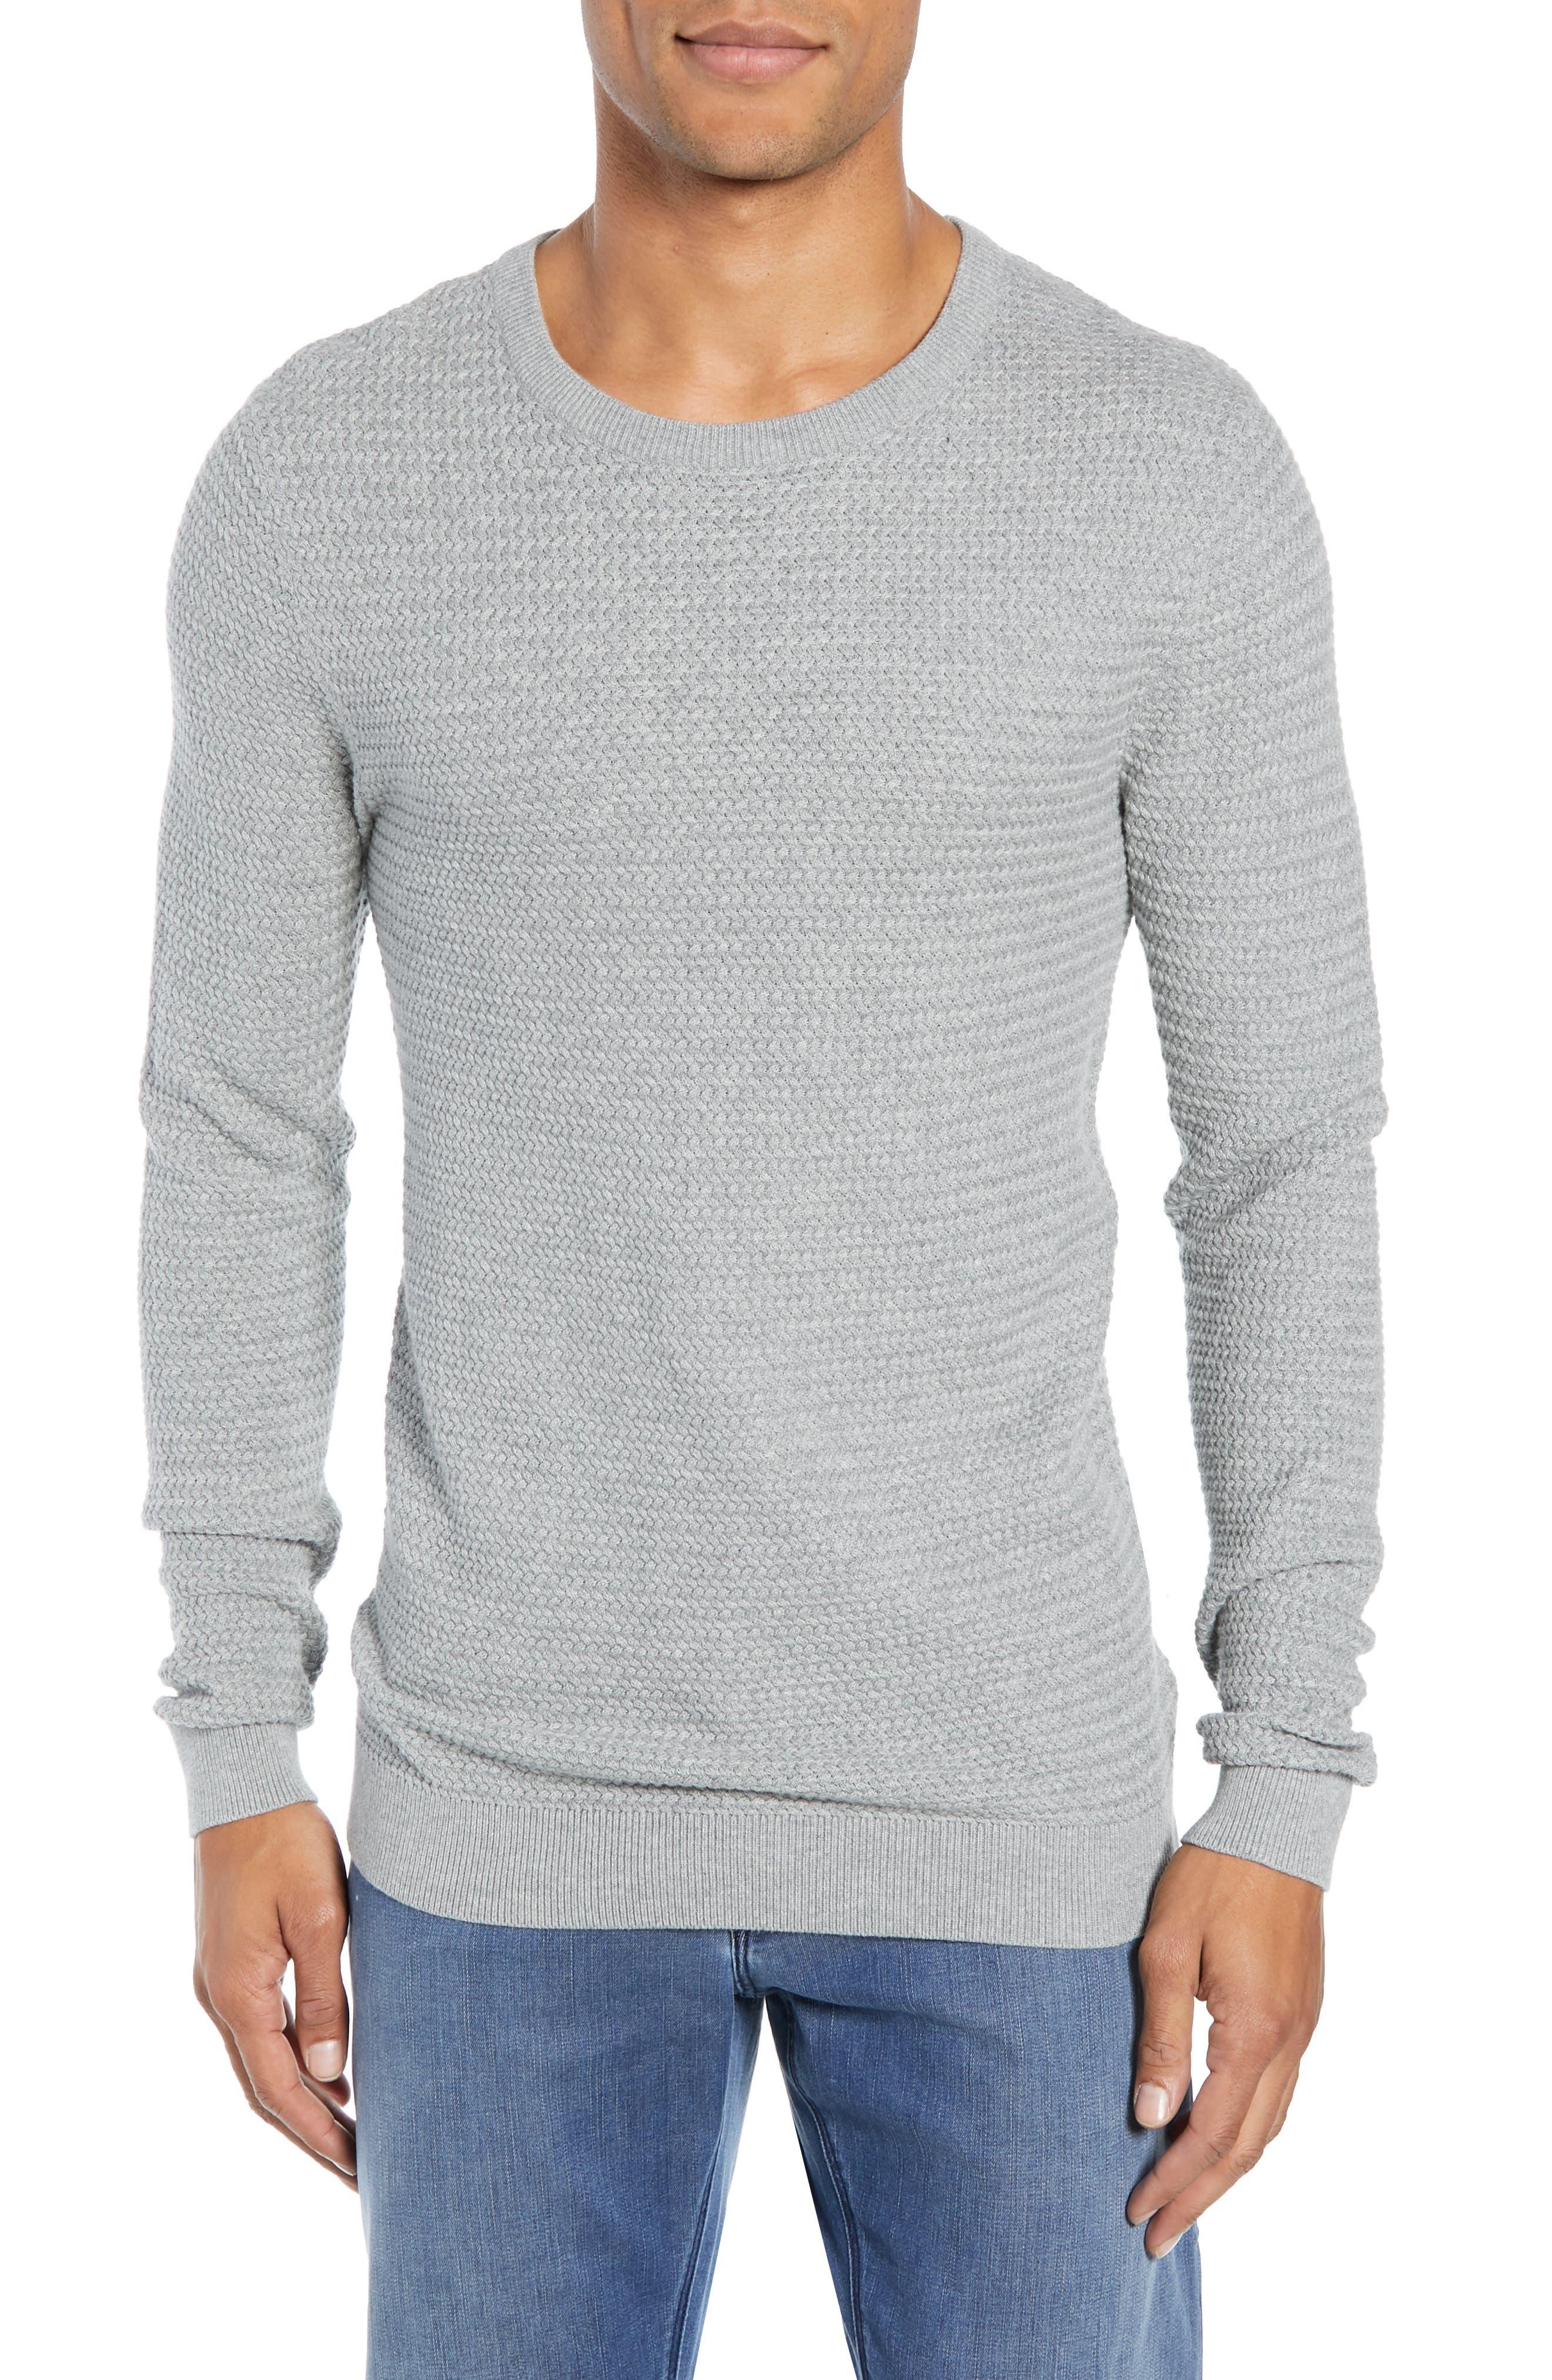 Martin Regular Fit Crewneck Sweater,                             Main thumbnail 1, color,                             MEDIUM GREY